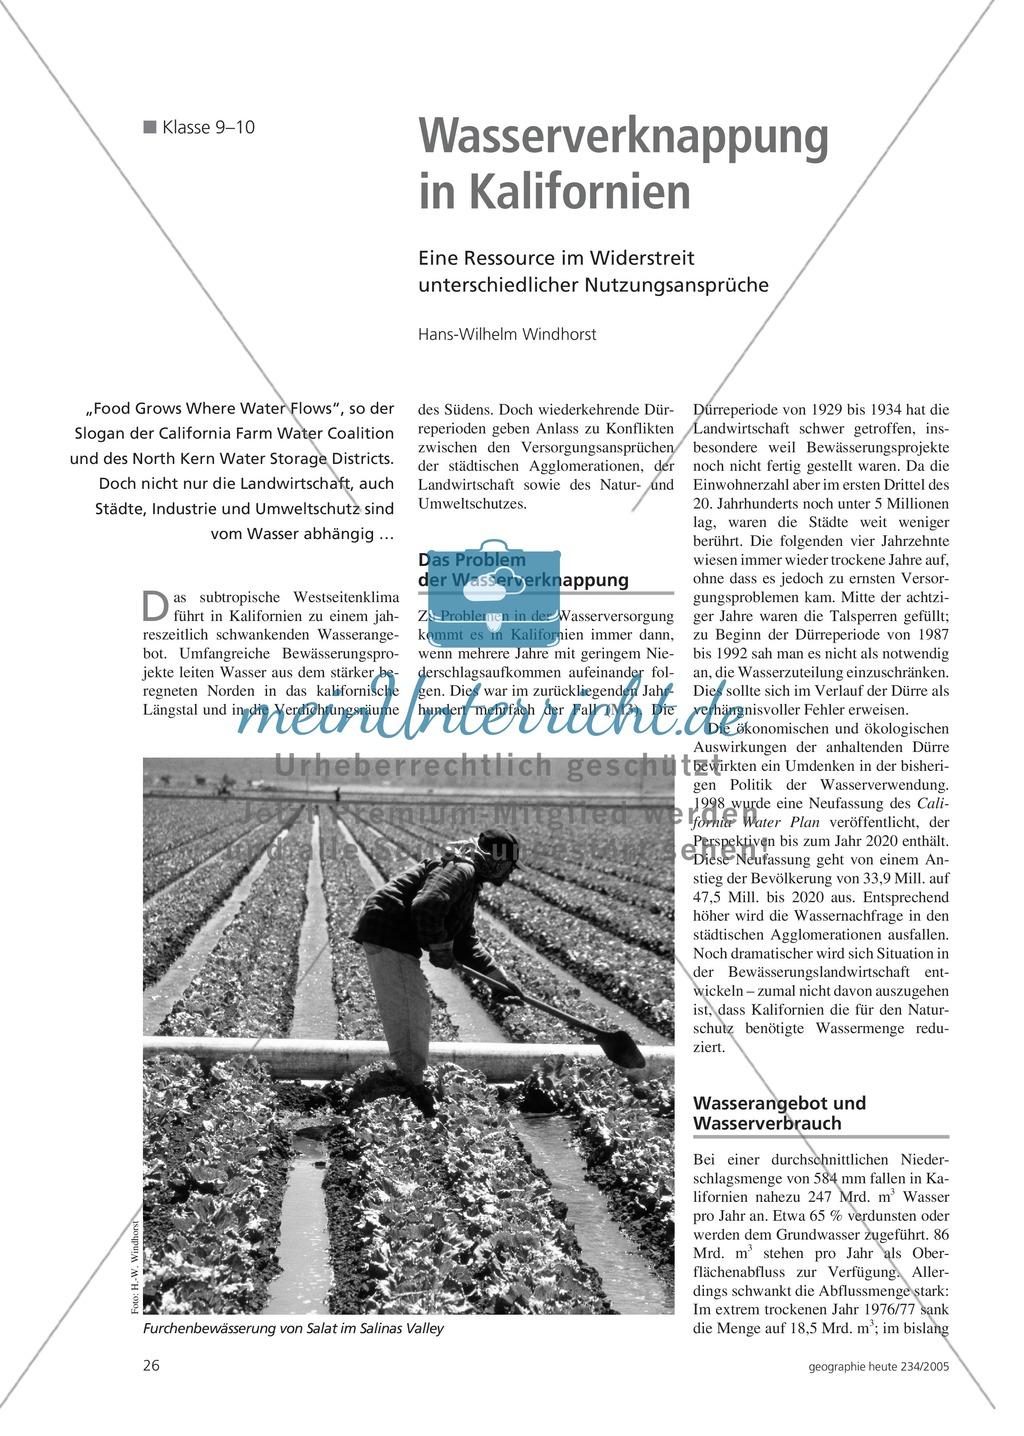 Die Landwirtschaft der USA: Nutzungskonflikte - Wasserknappheit in ...